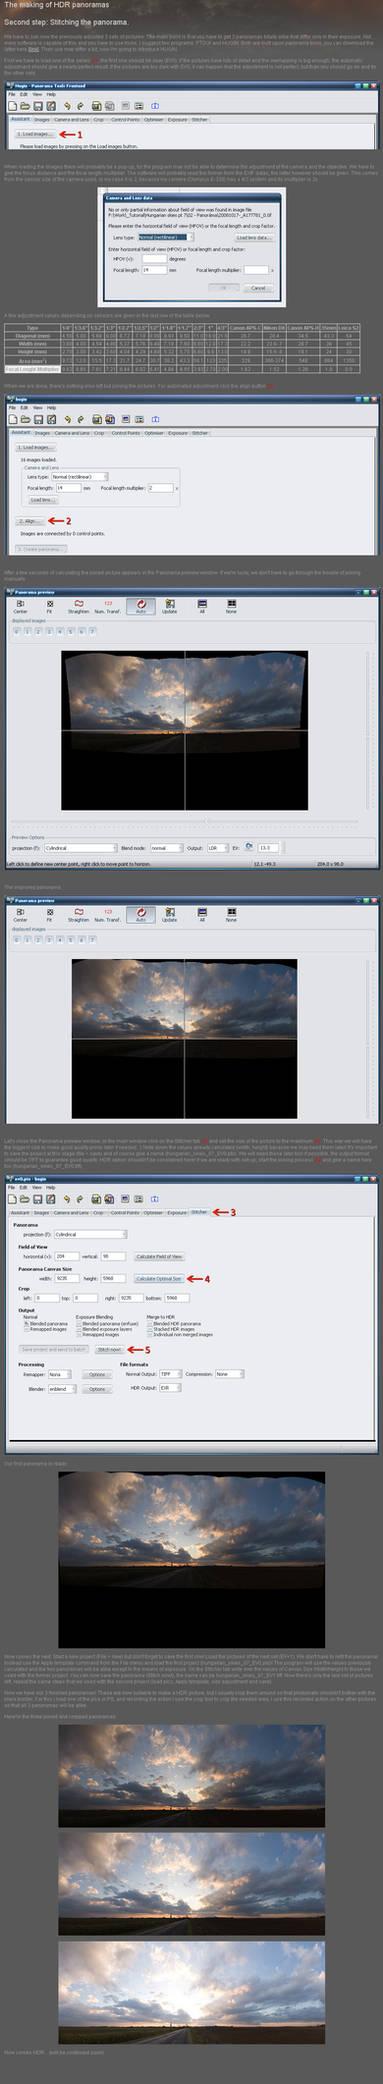 HDR panorama tutorial part.II.